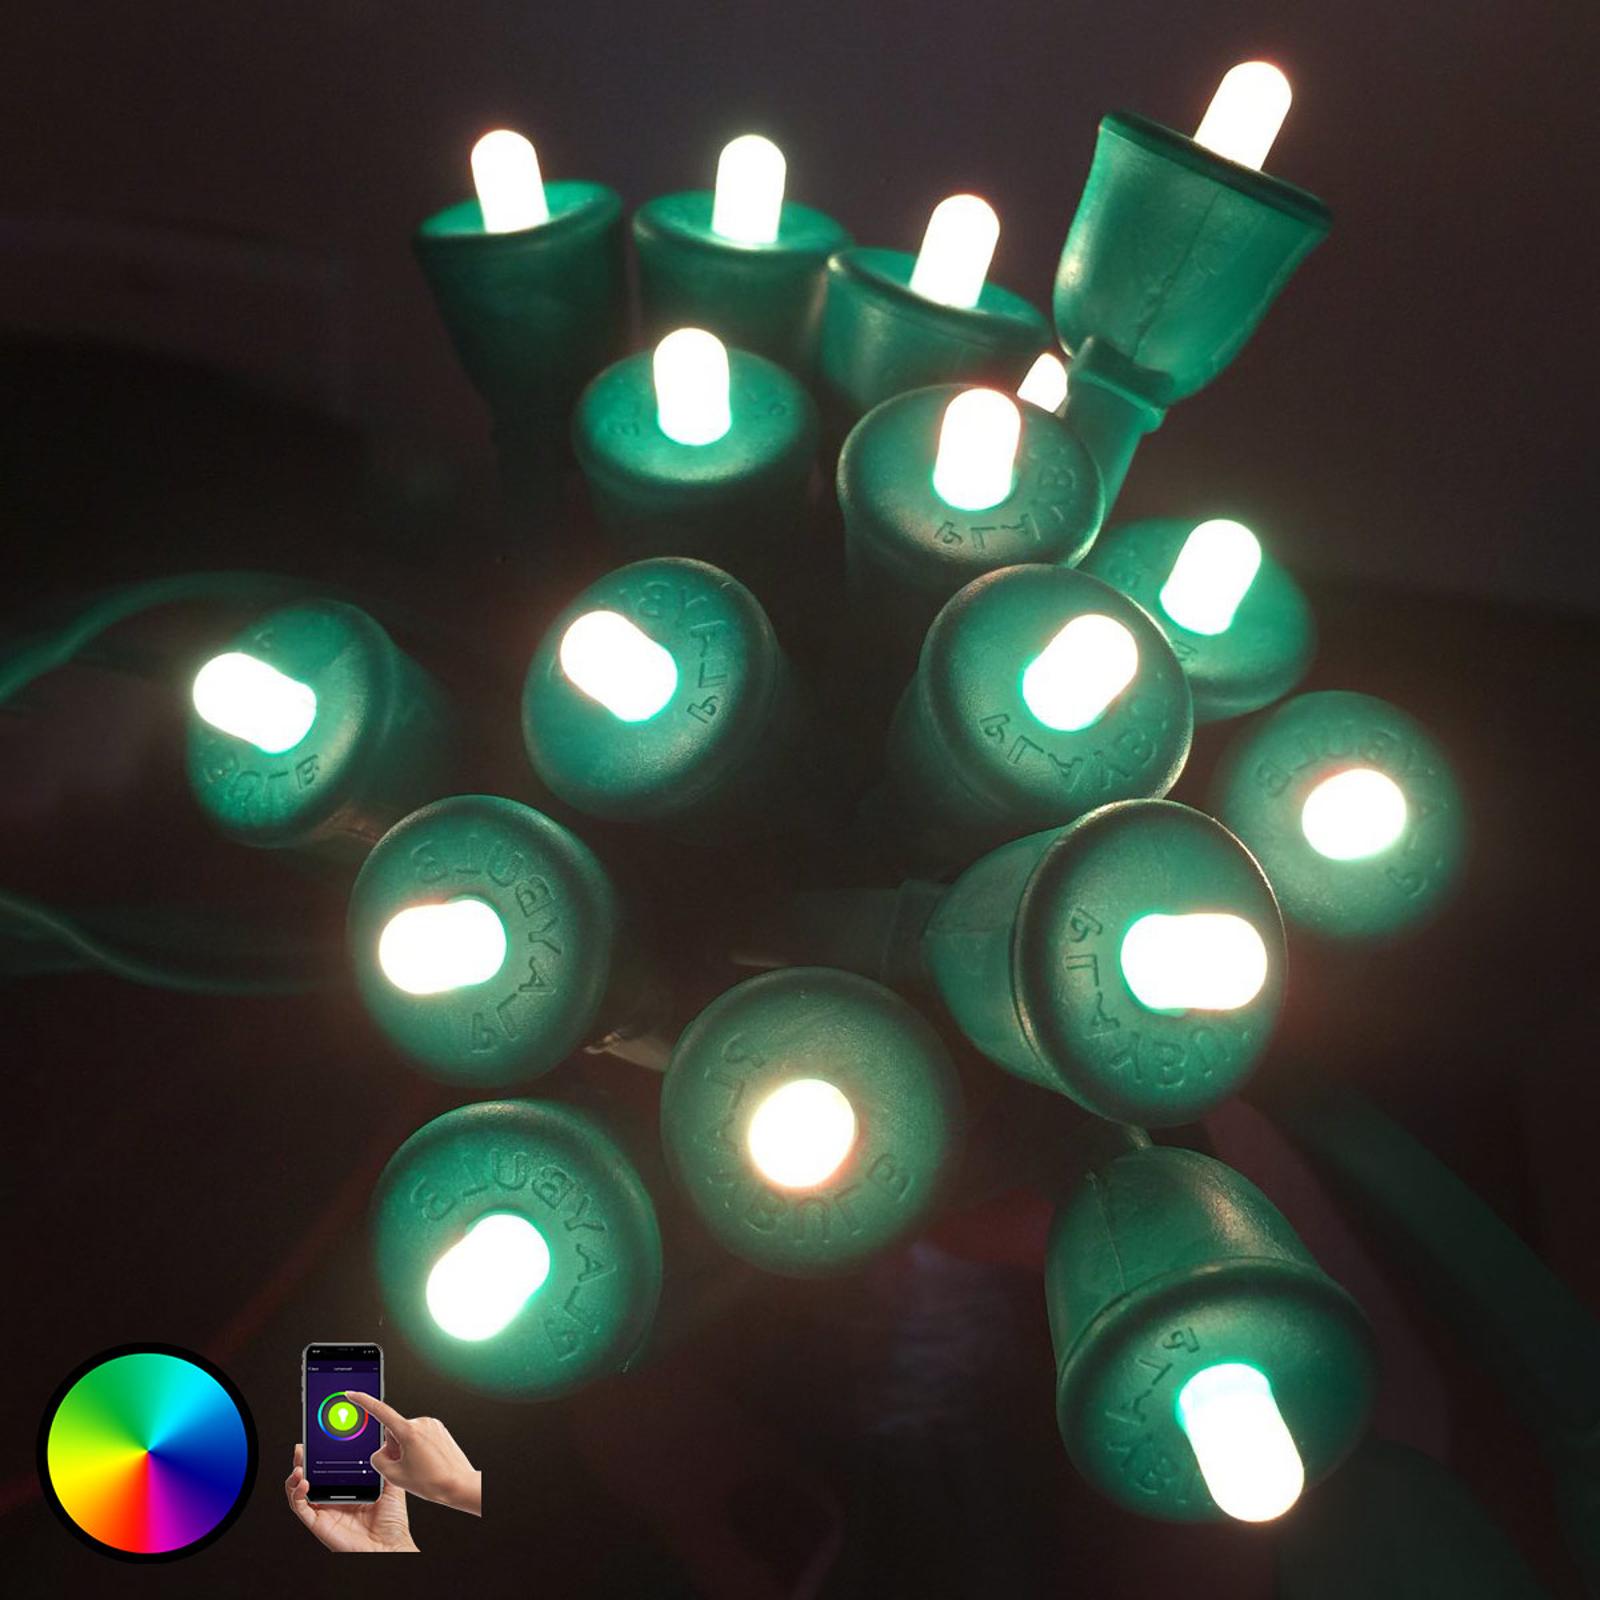 MiPow Playbulb String LED-lyslenke 20 m, grønn